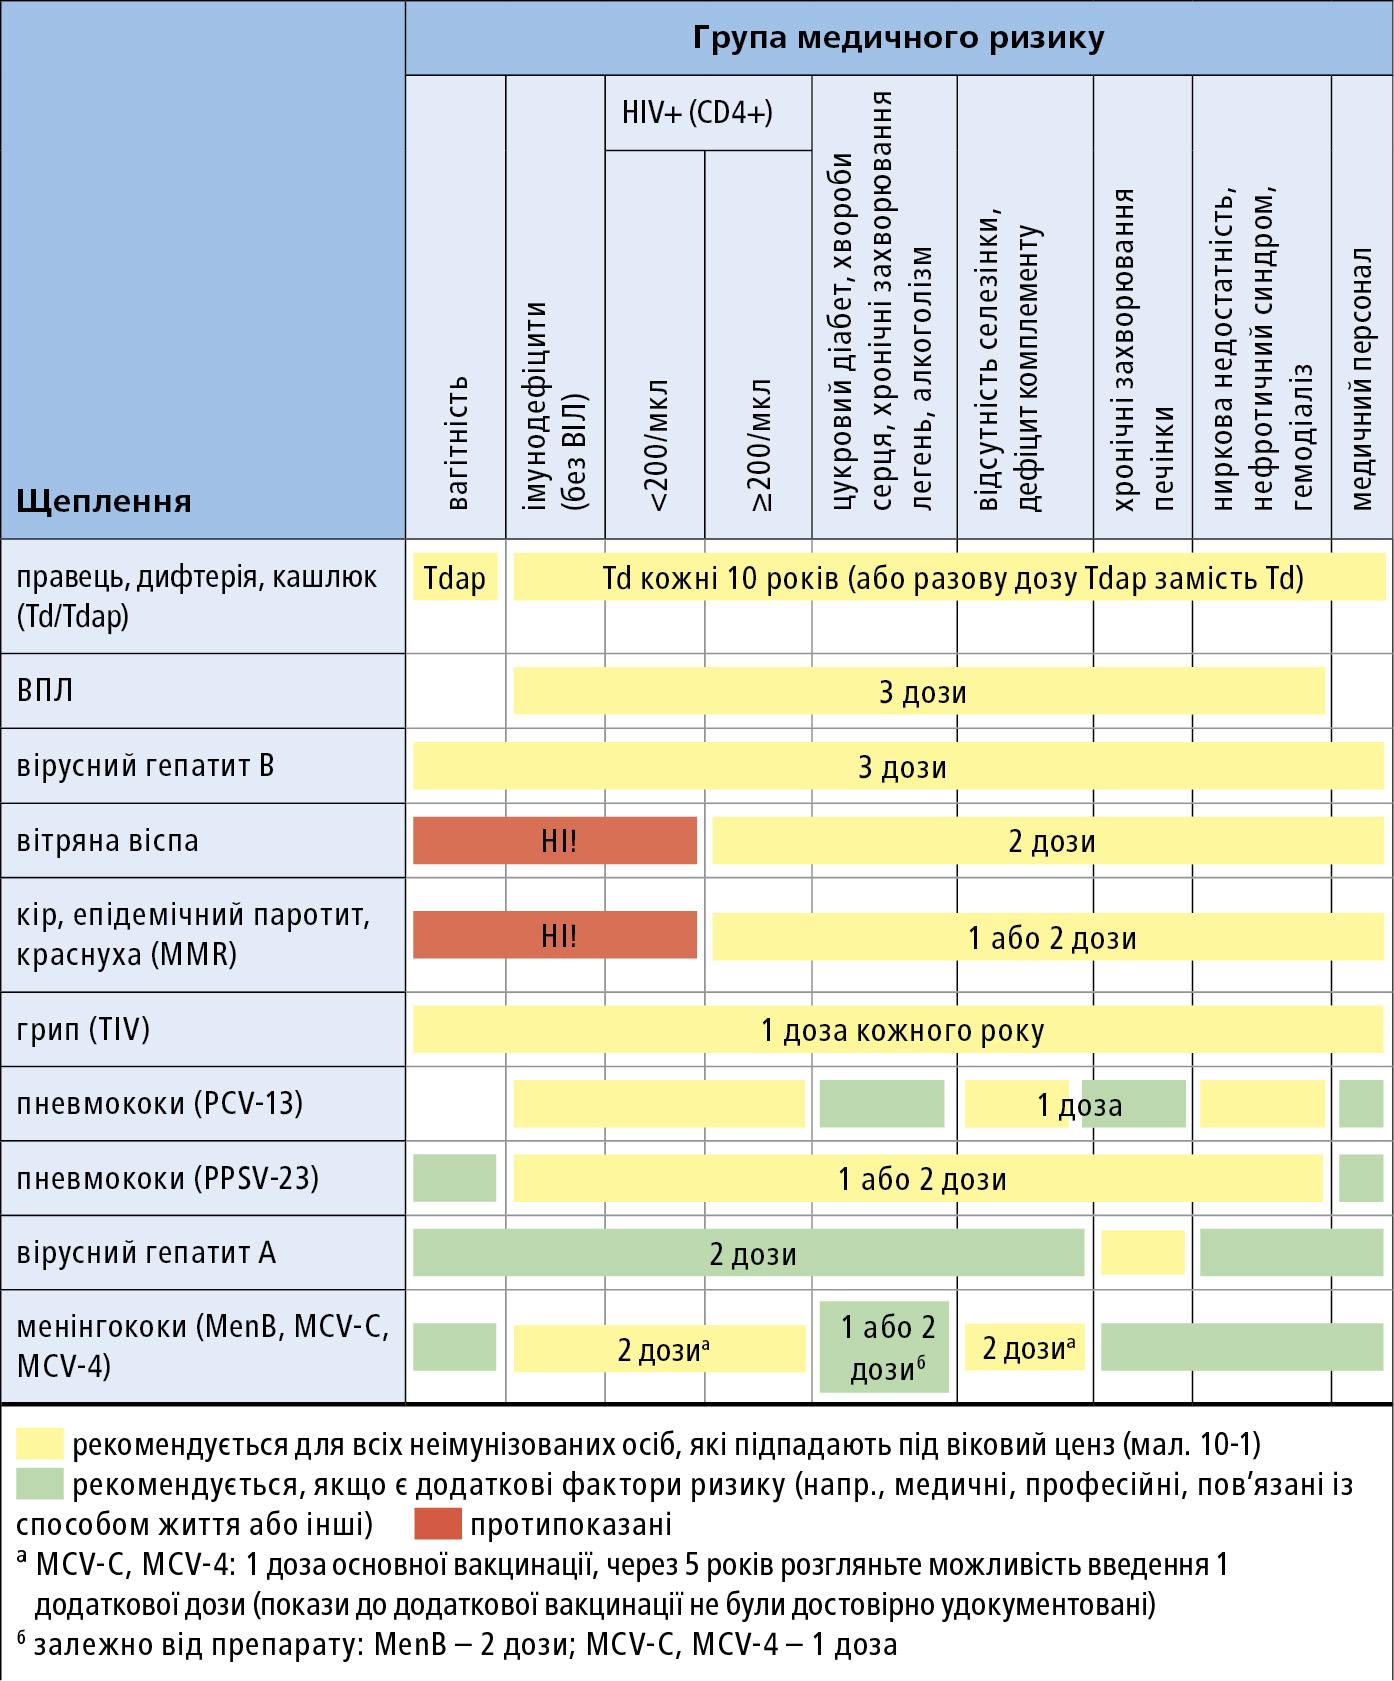 Схема програми пофілактичних щеплень для дорослих пацієнтів, залежно від групи медичного ризику (подробиці → розд. 18.11 ) (див.  мал. 18.11-1 )